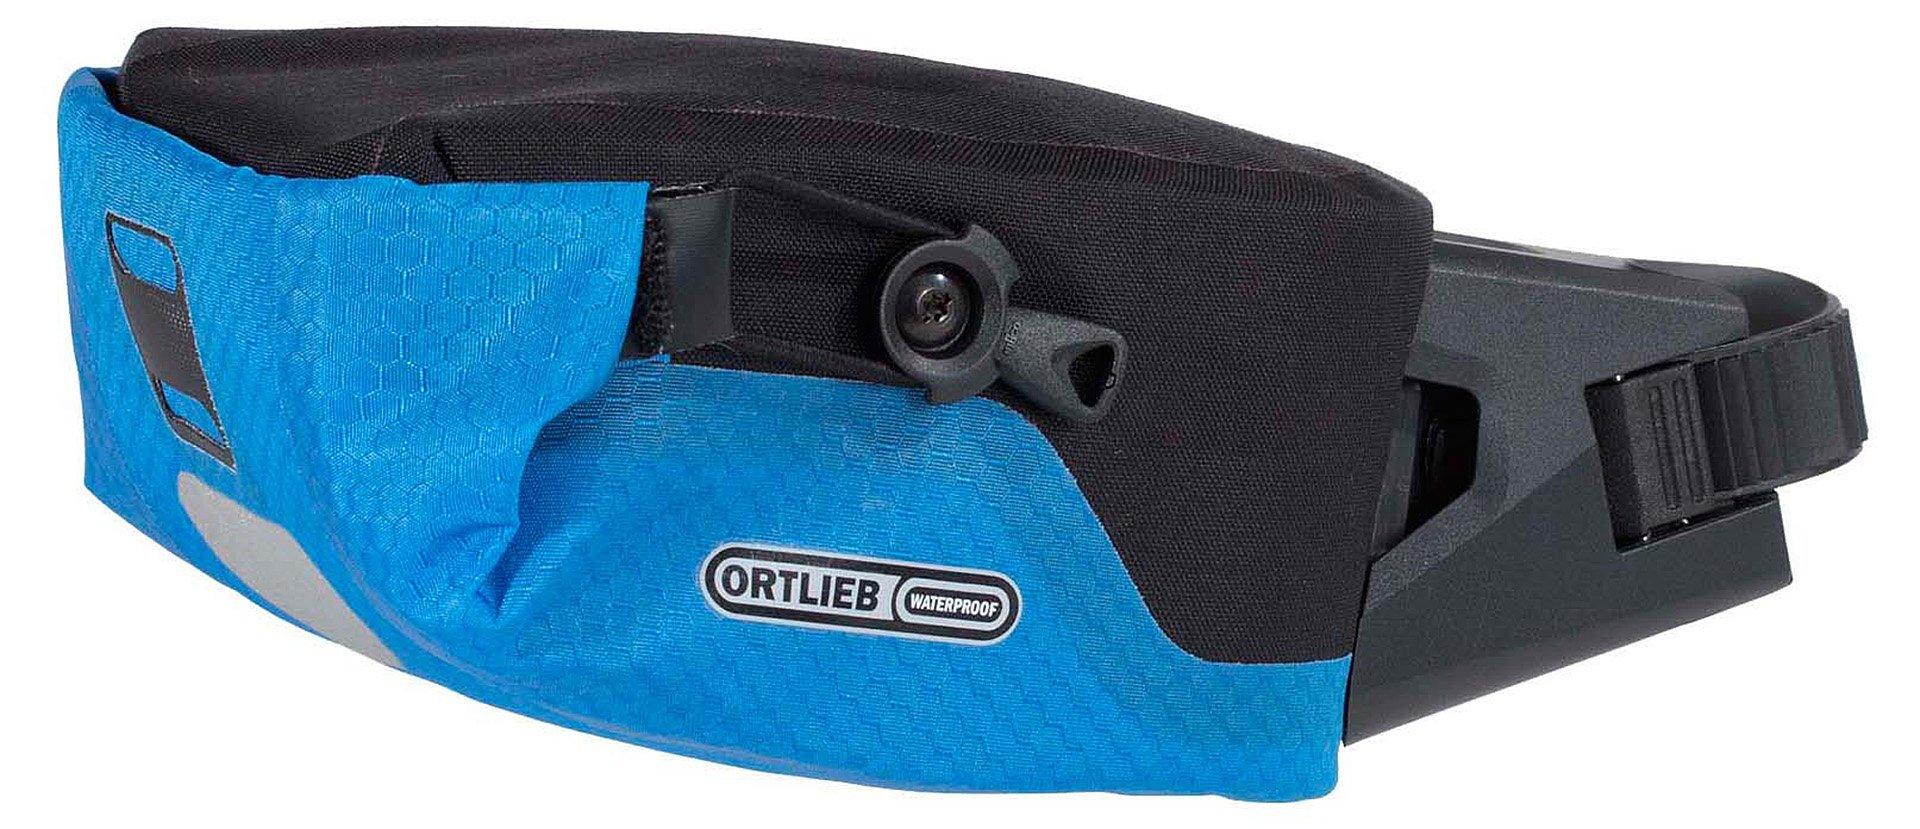 Ortileb Seatpost Bag